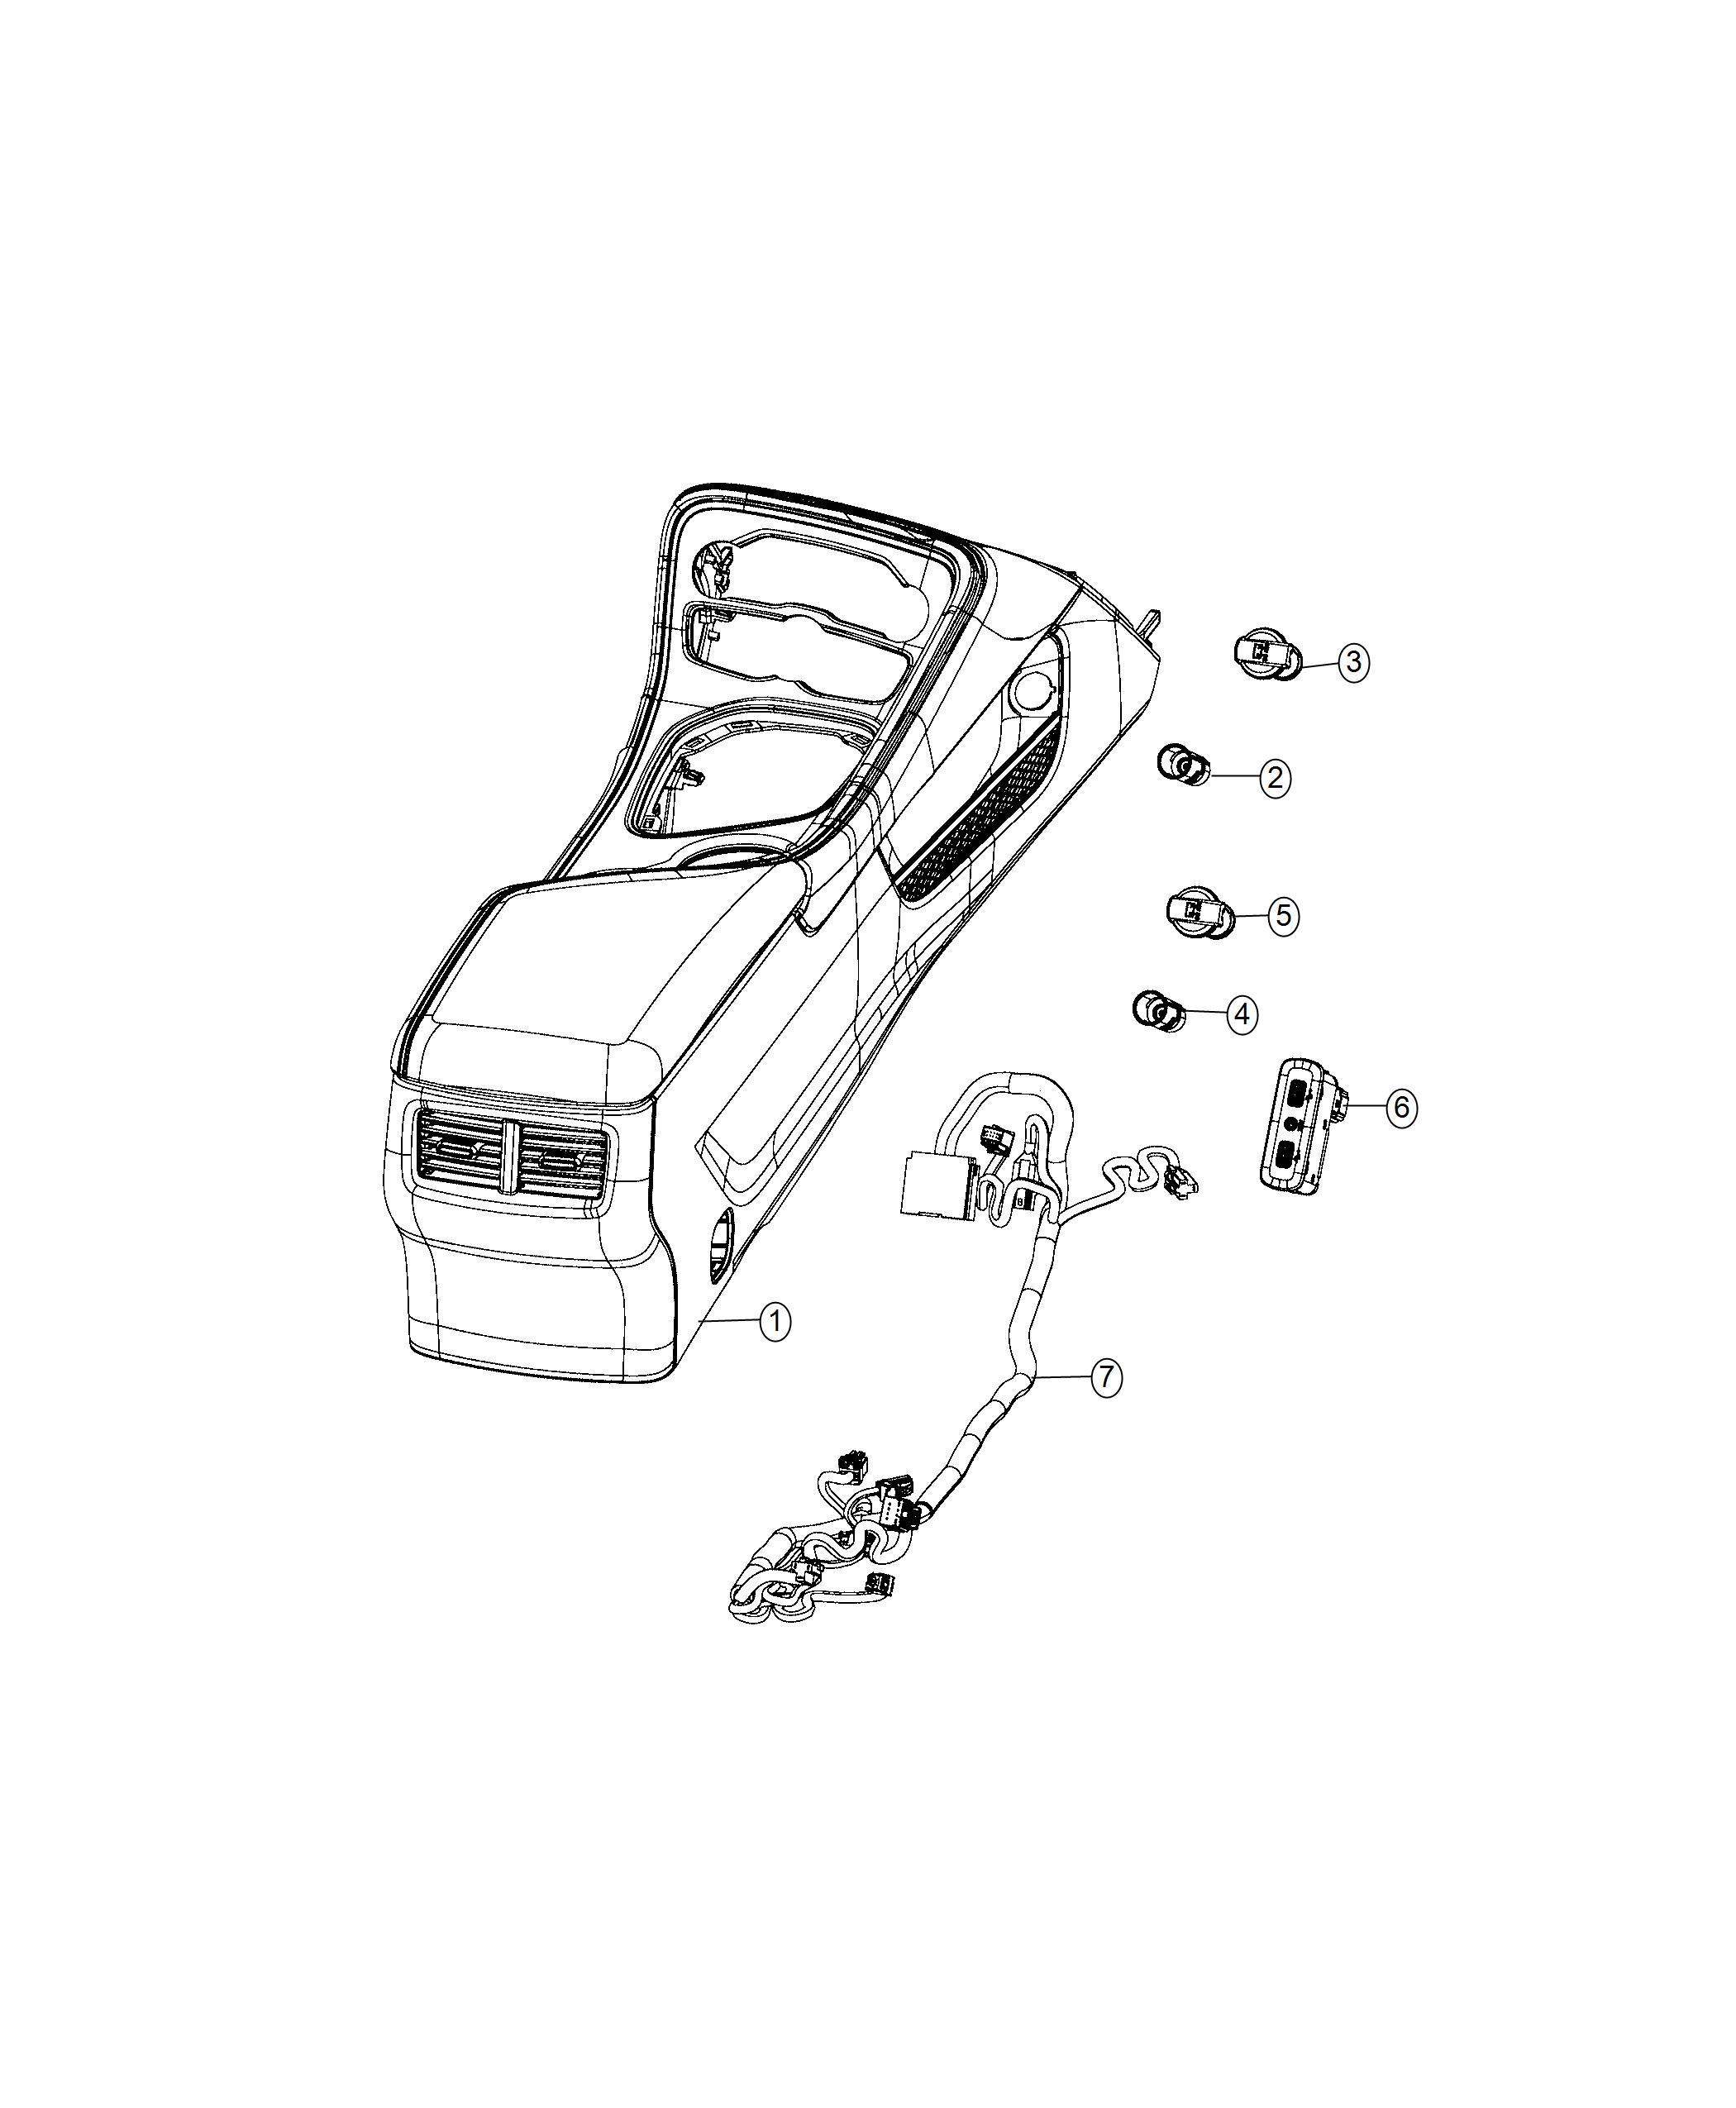 Dodge Challenger Wiring. Jumper. Console. Instrument